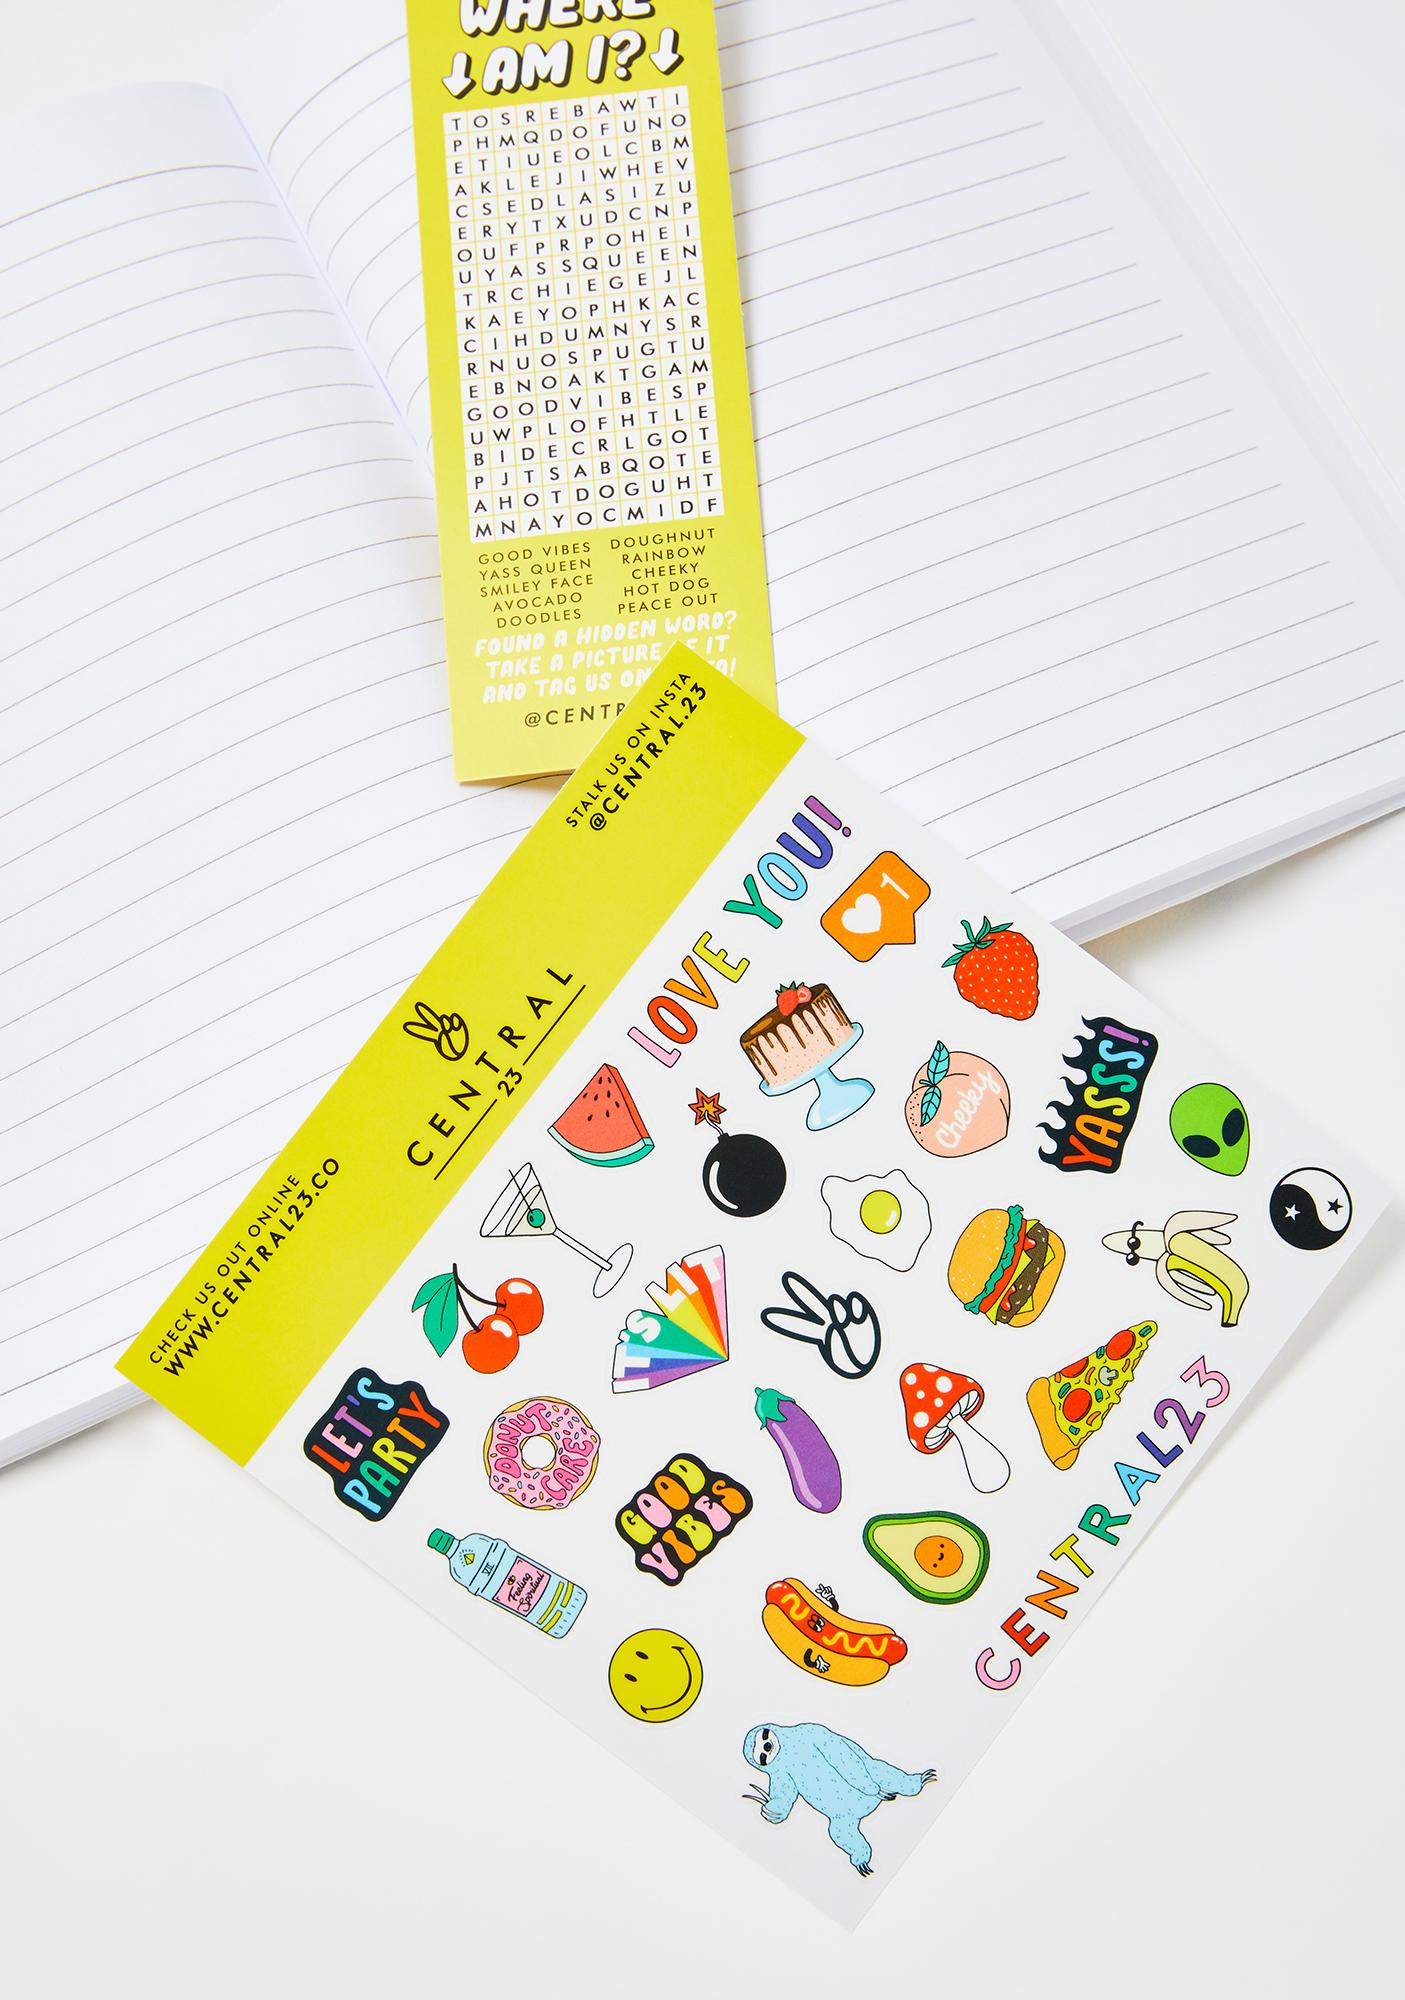 Central 23 So Mushroom For Ideas Notebook